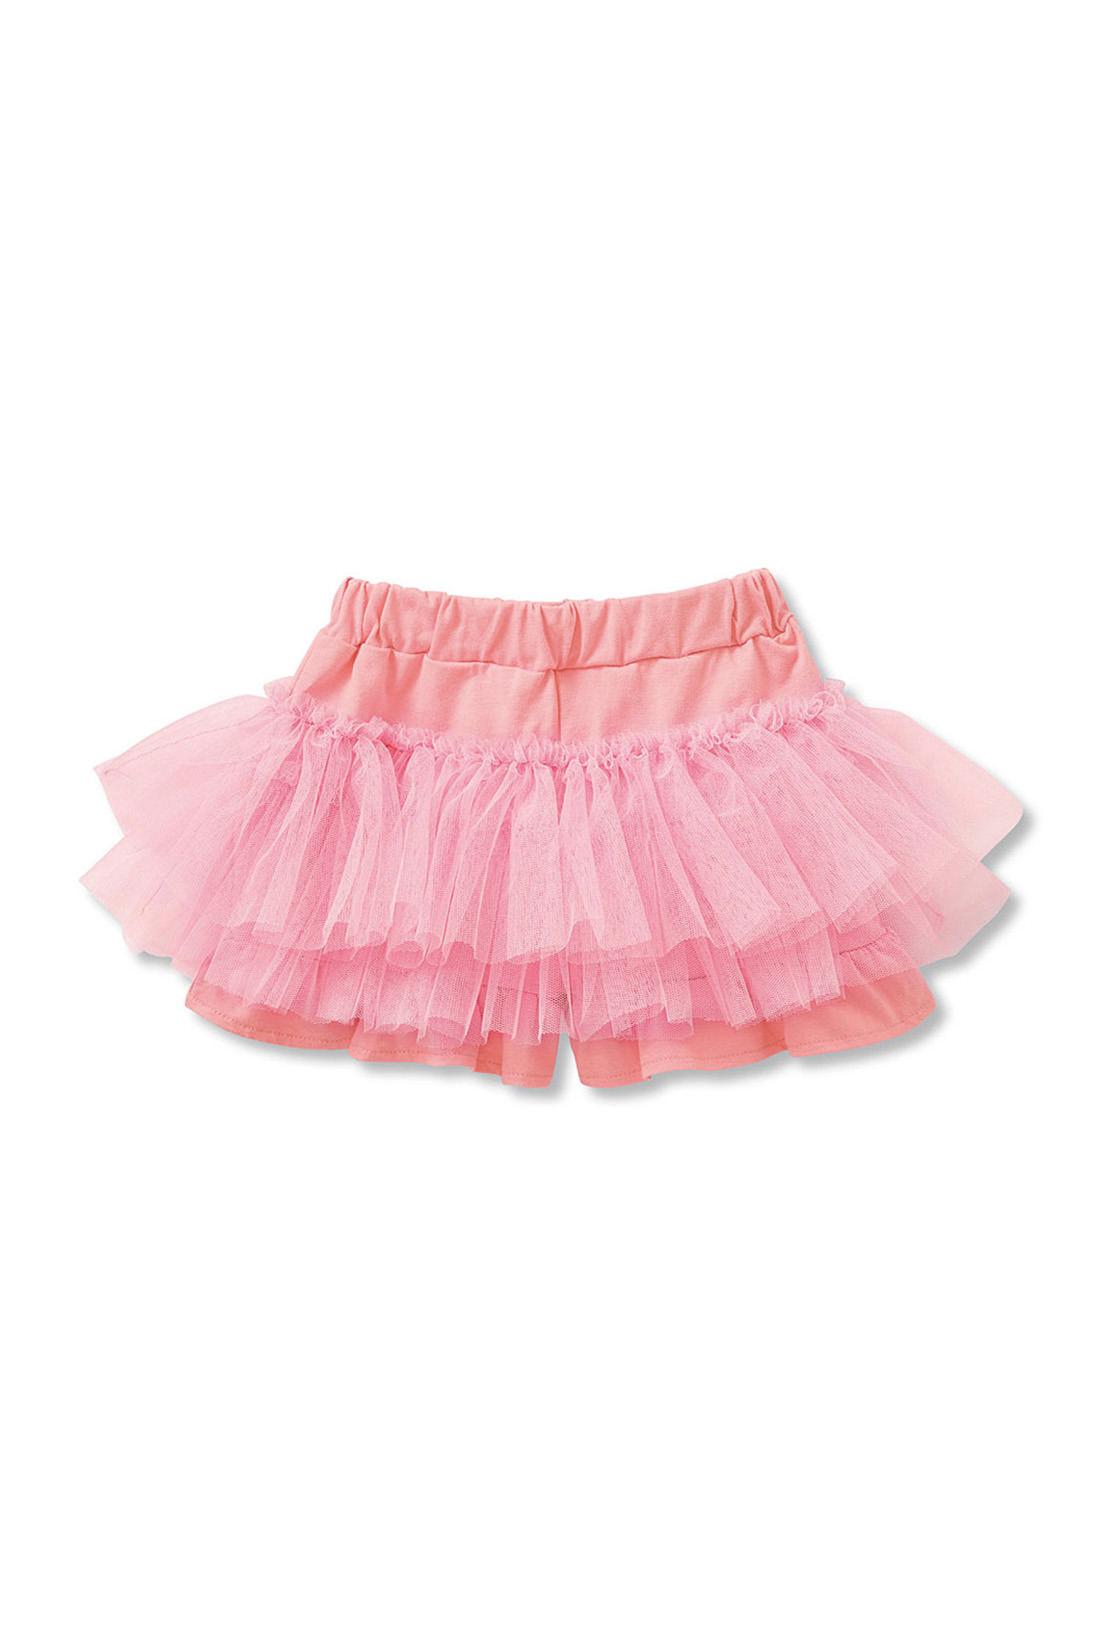 スカートに見えて実はパンツ。ベースは綿100%のカットソー素材。